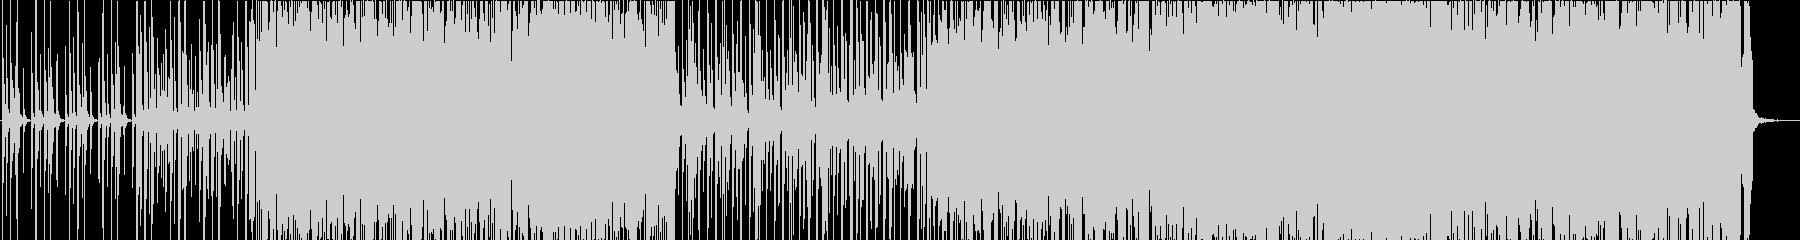 陽気で高揚するパンクロックの未再生の波形